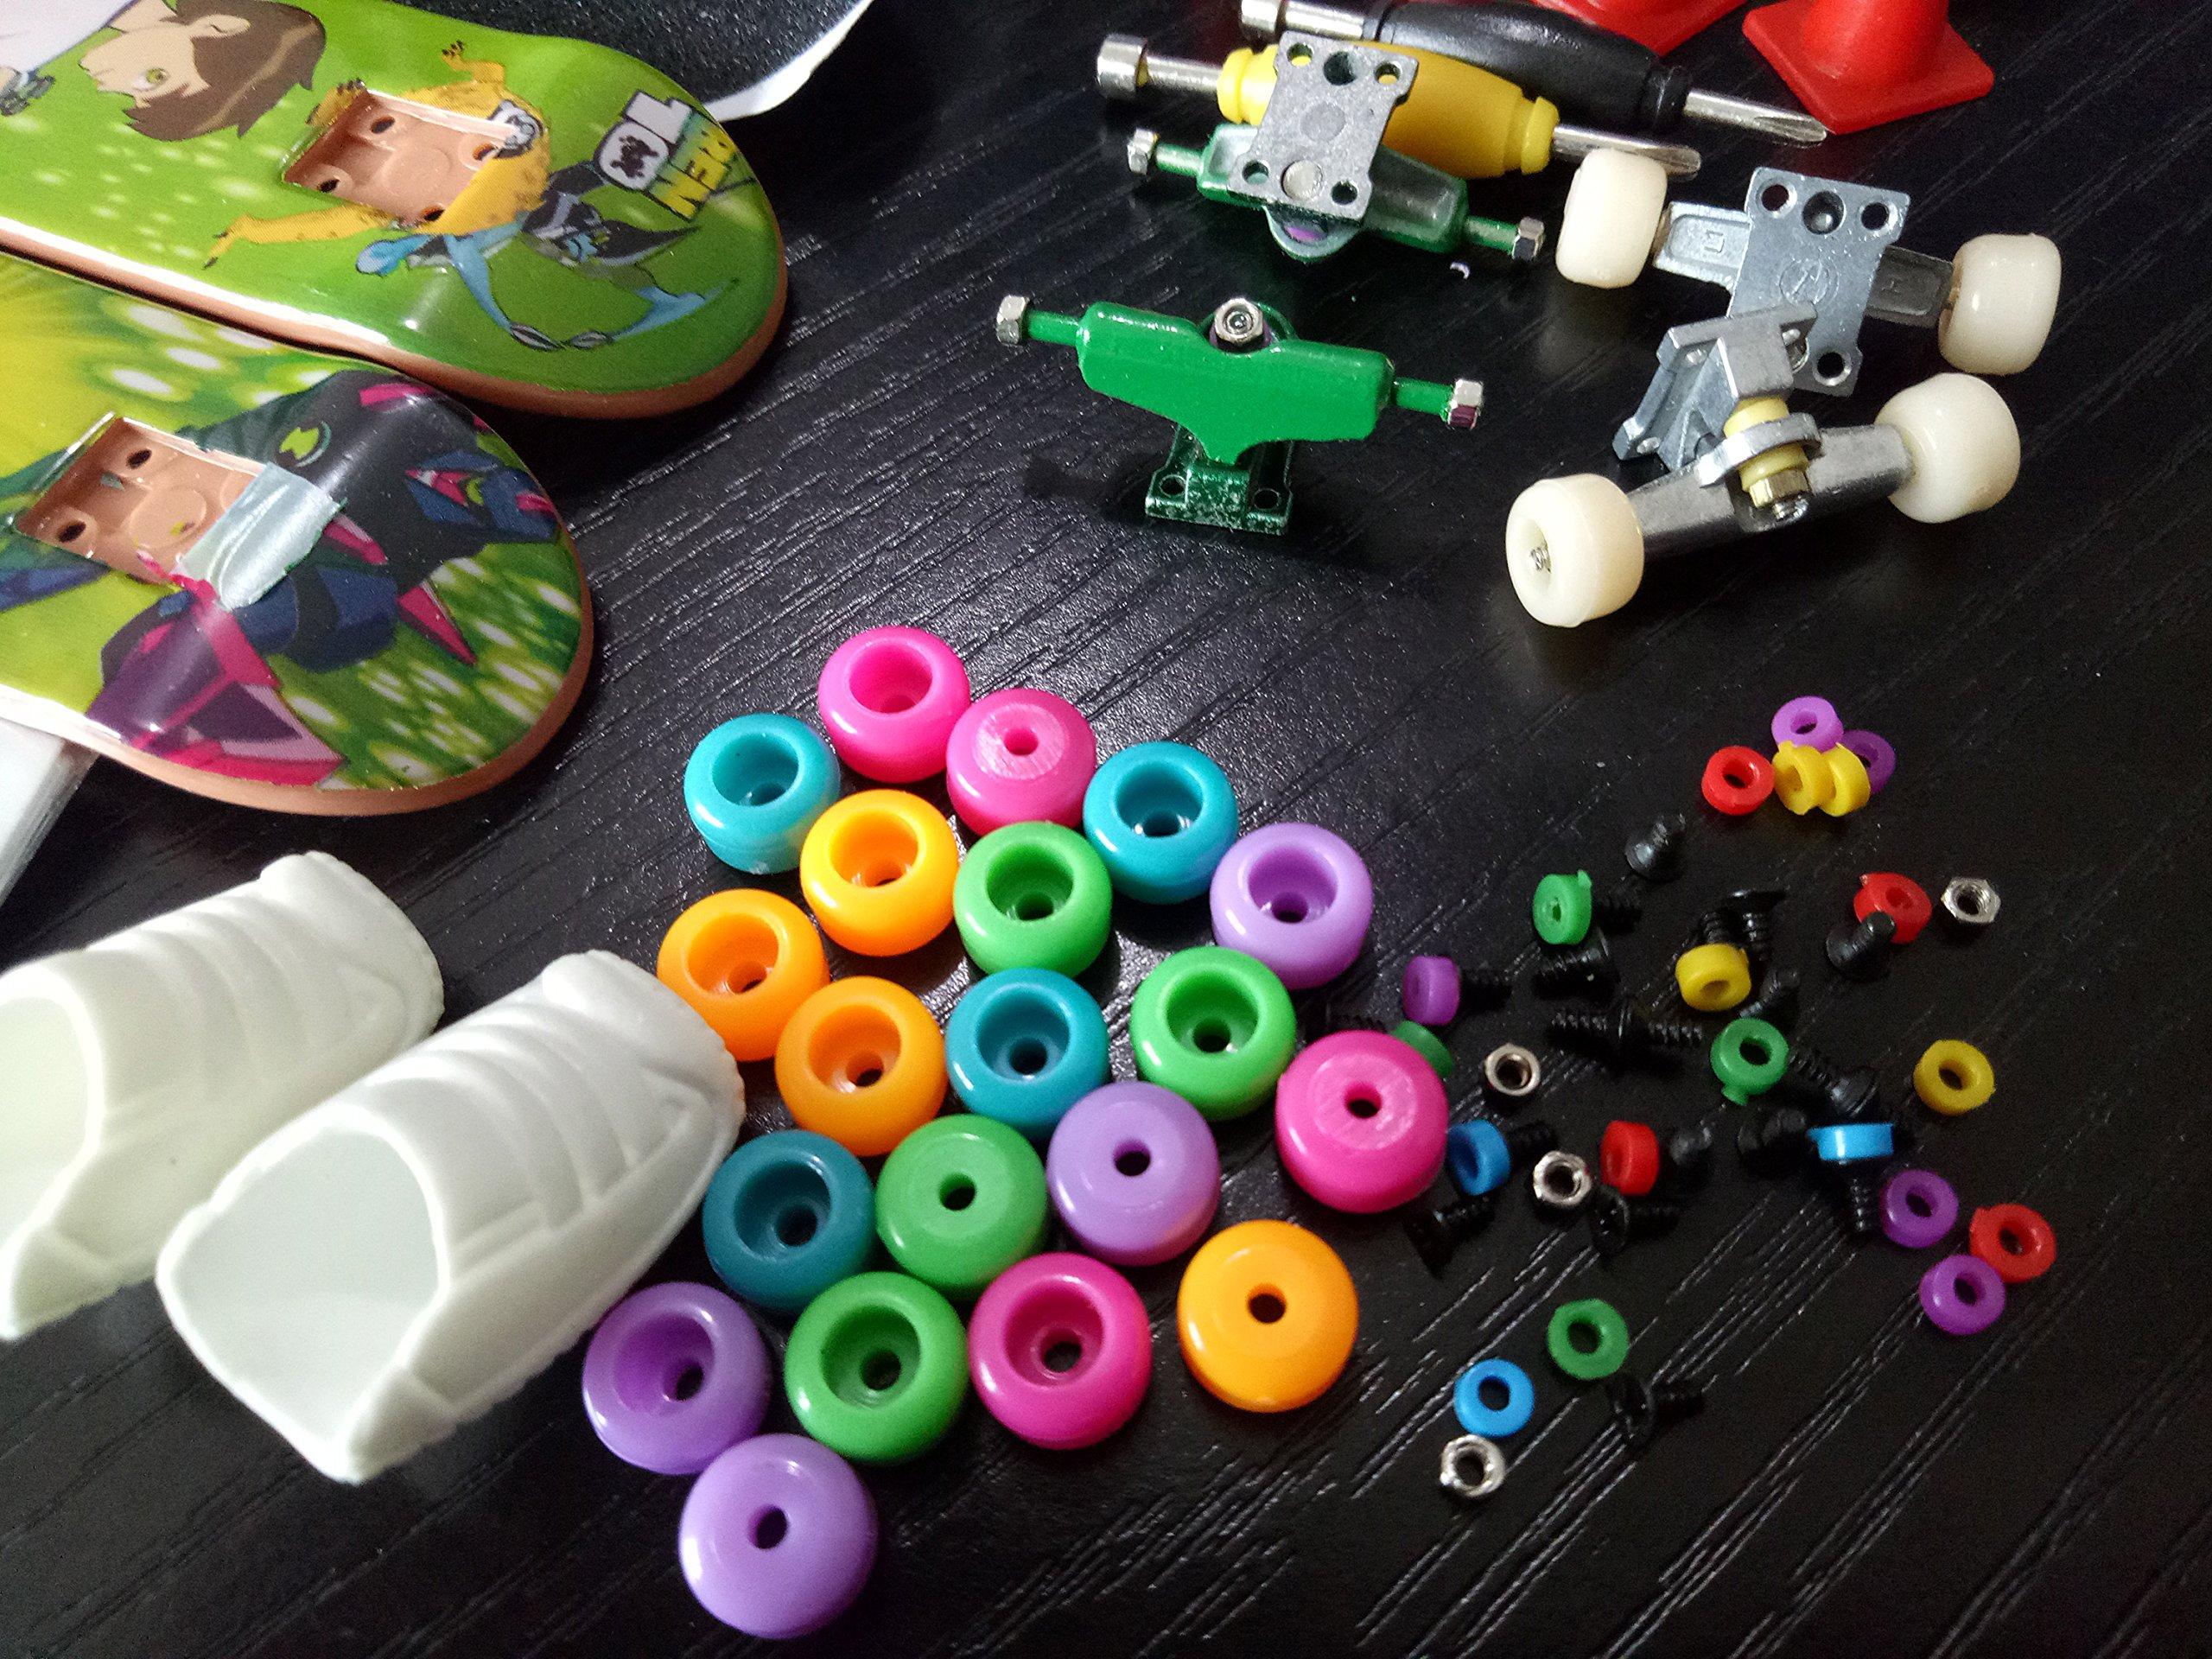 Fanci ABS Finger Skateboard Set Double Rocker DIY Mini Finger Boarding Toy with Storage Box by Fanci (Image #6)